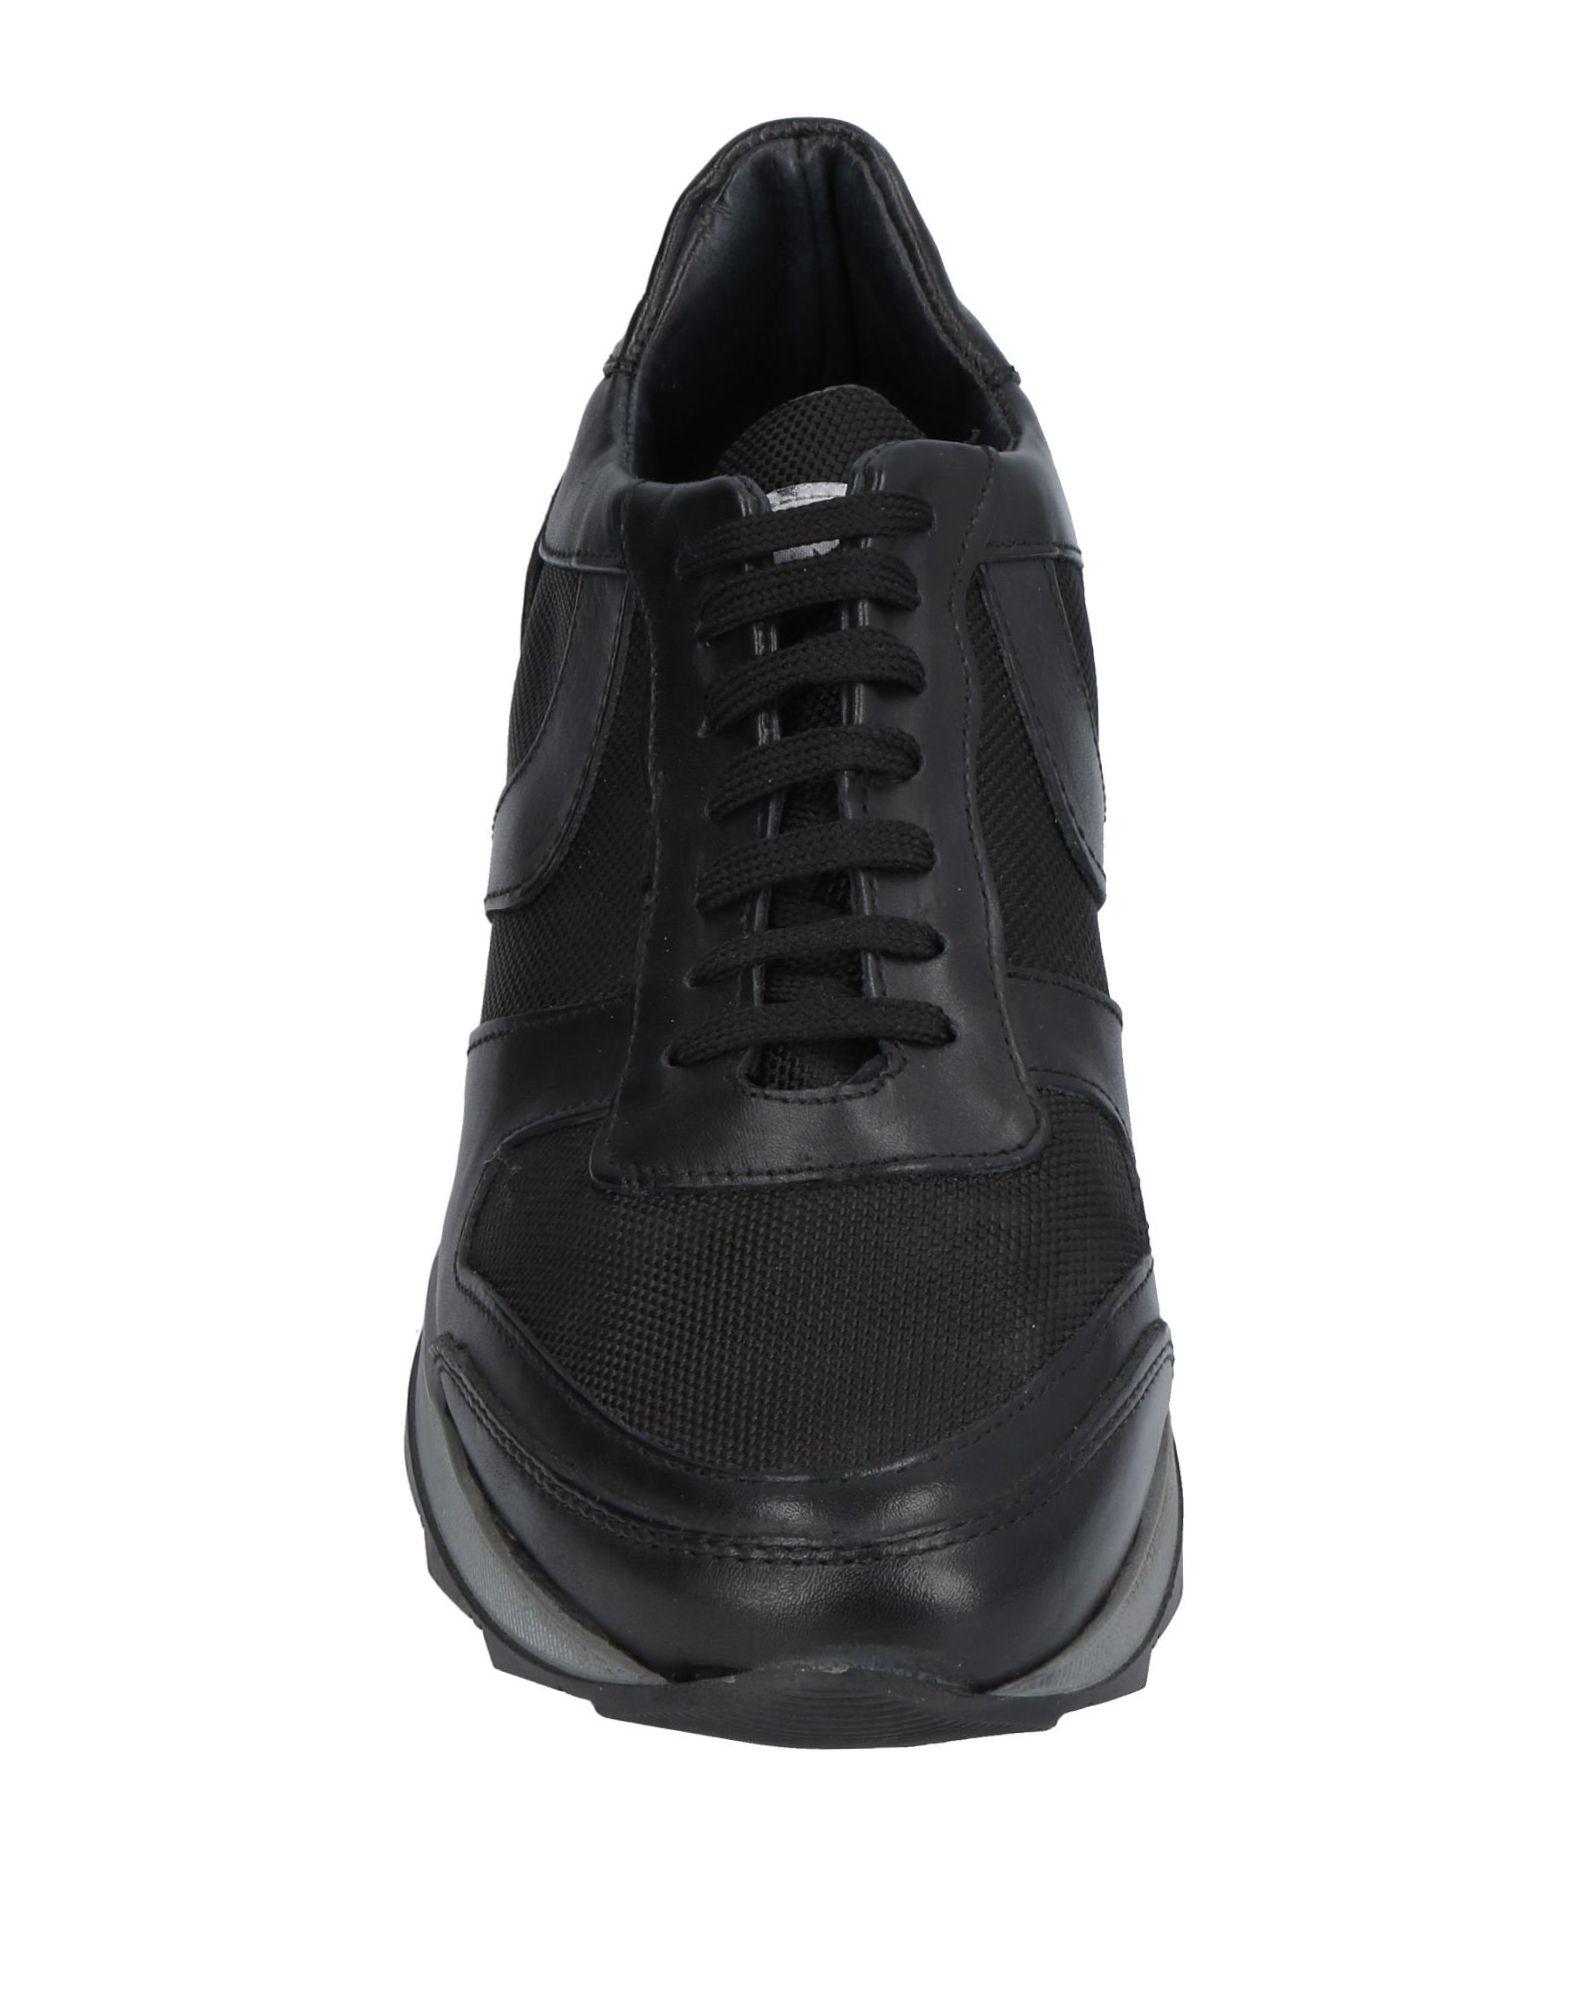 Rabatt Sneakers echte Schuhe Nuova Vita Sneakers Rabatt Herren  11459636EB 69ec5c